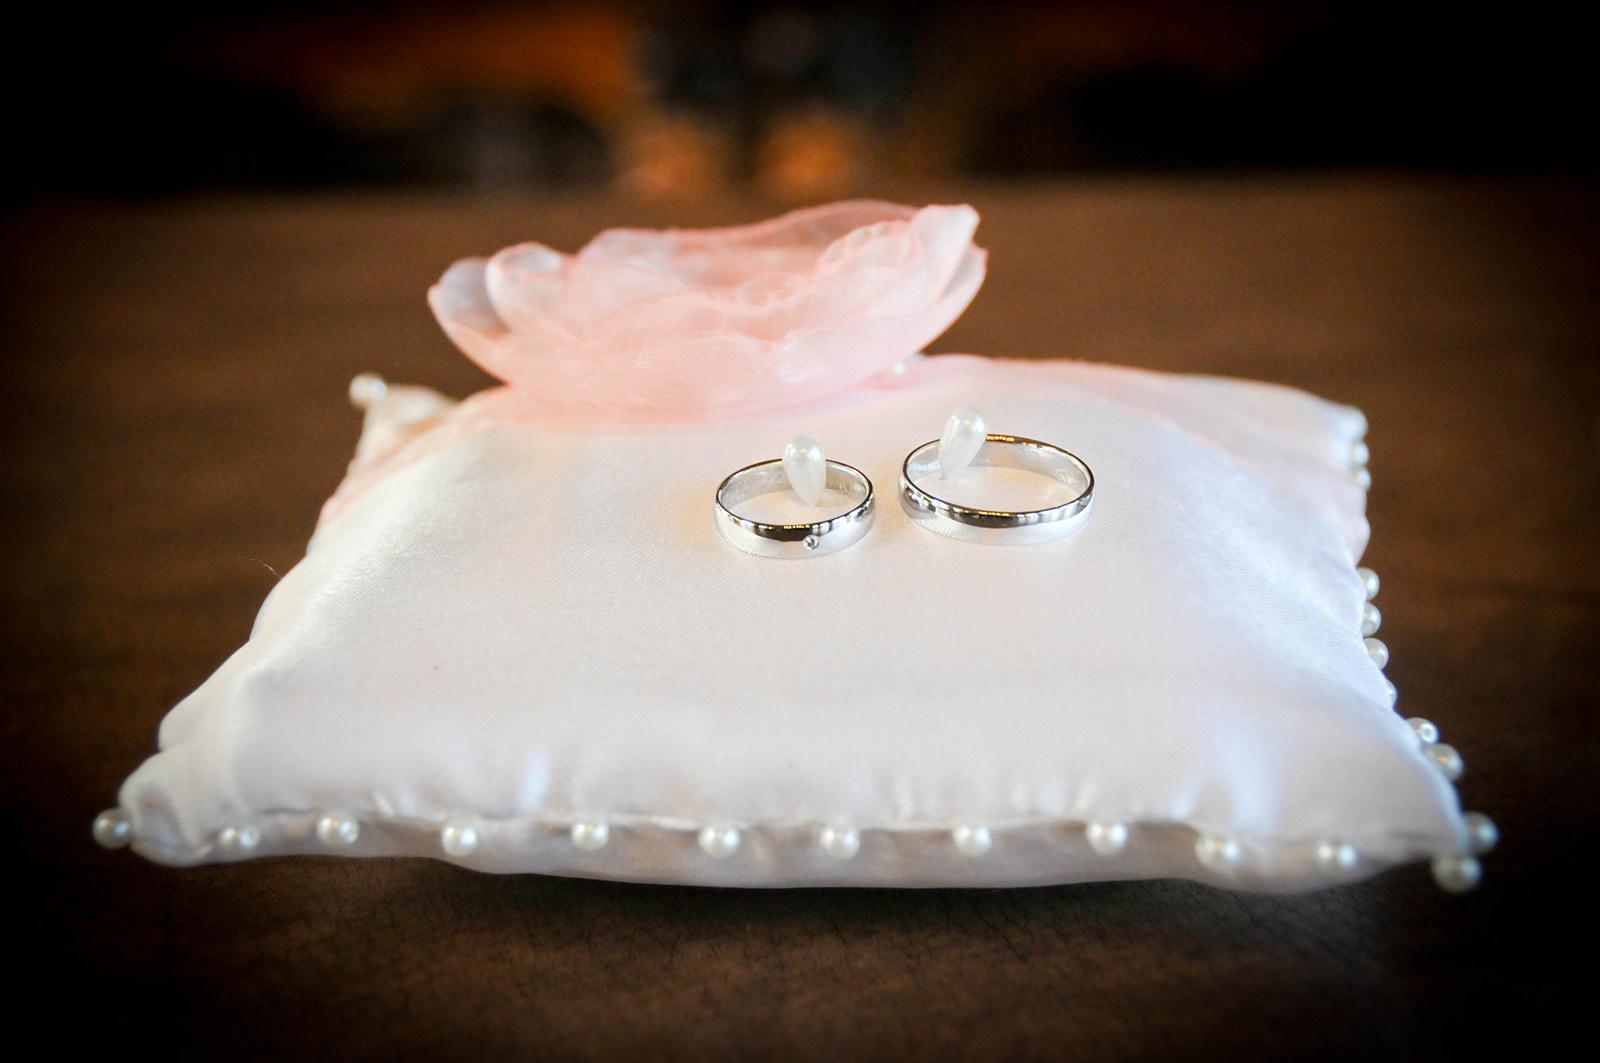 Bílý polštářek pod prstýnky obšitý perličkami - Obrázek č. 3